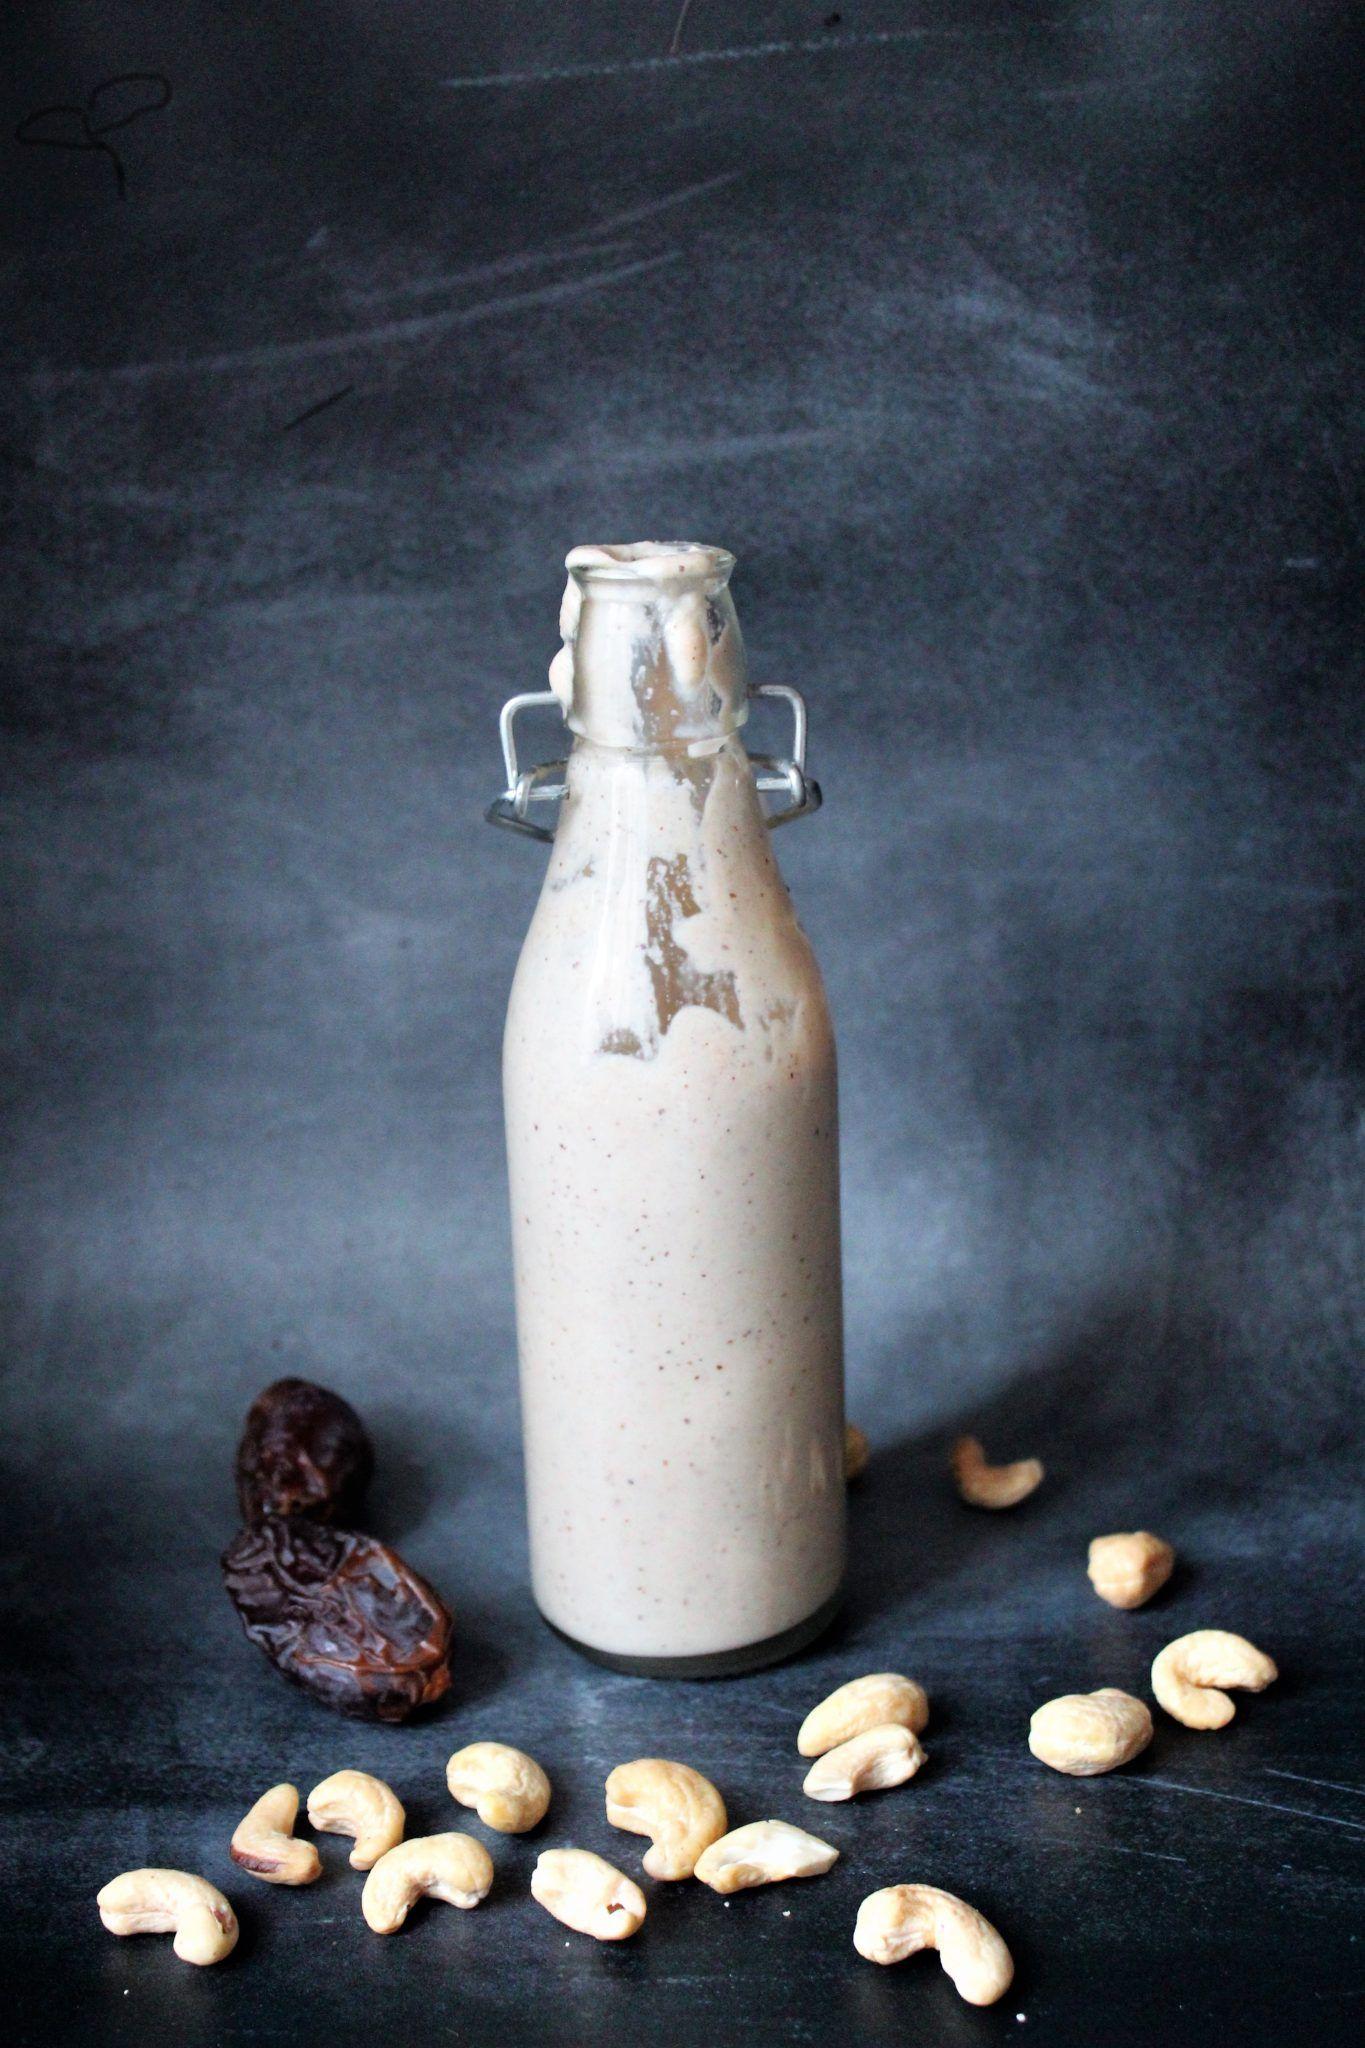 Nem cashewfløde med dadler - kan bruges som kaffefløde eller kagecreme